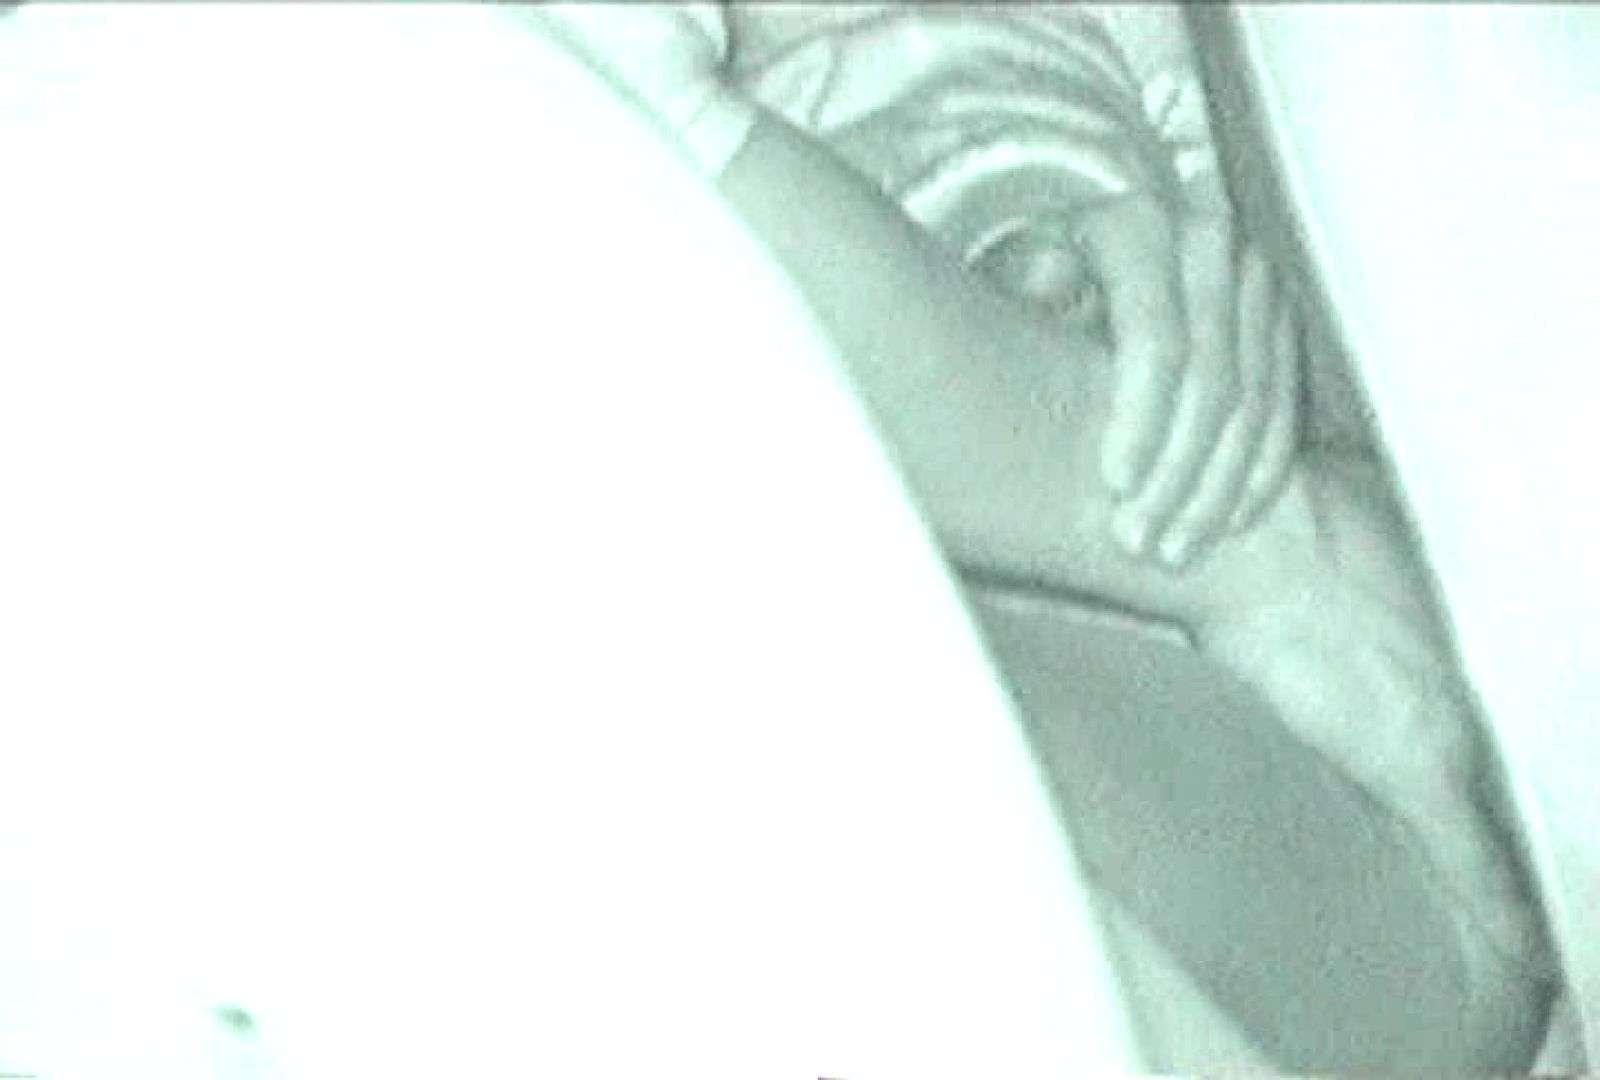 充血監督の深夜の運動会Vol.83 下半身 われめAV動画紹介 106pic 41